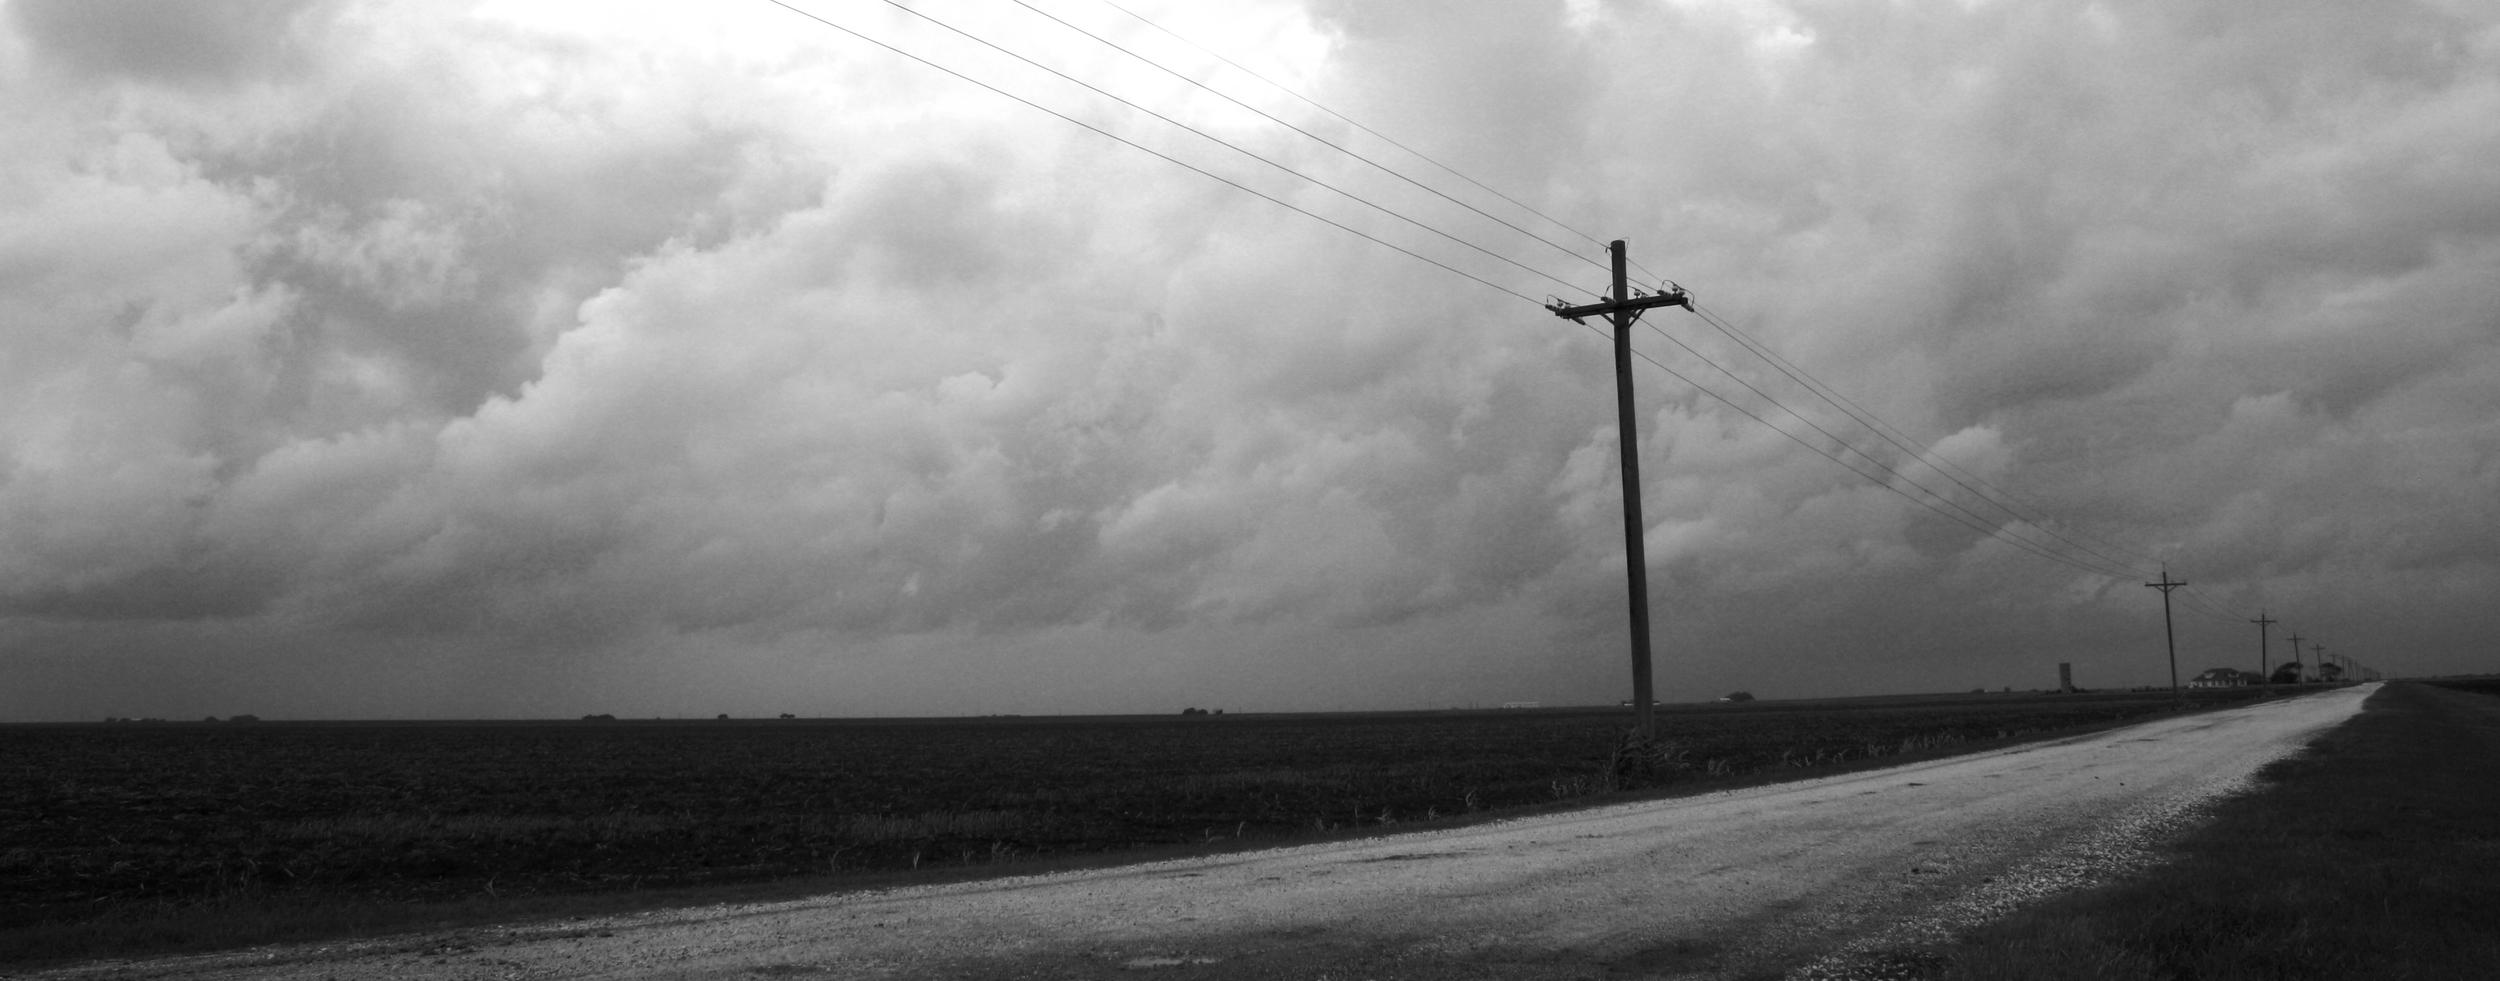 Outside Tivoli, Texas